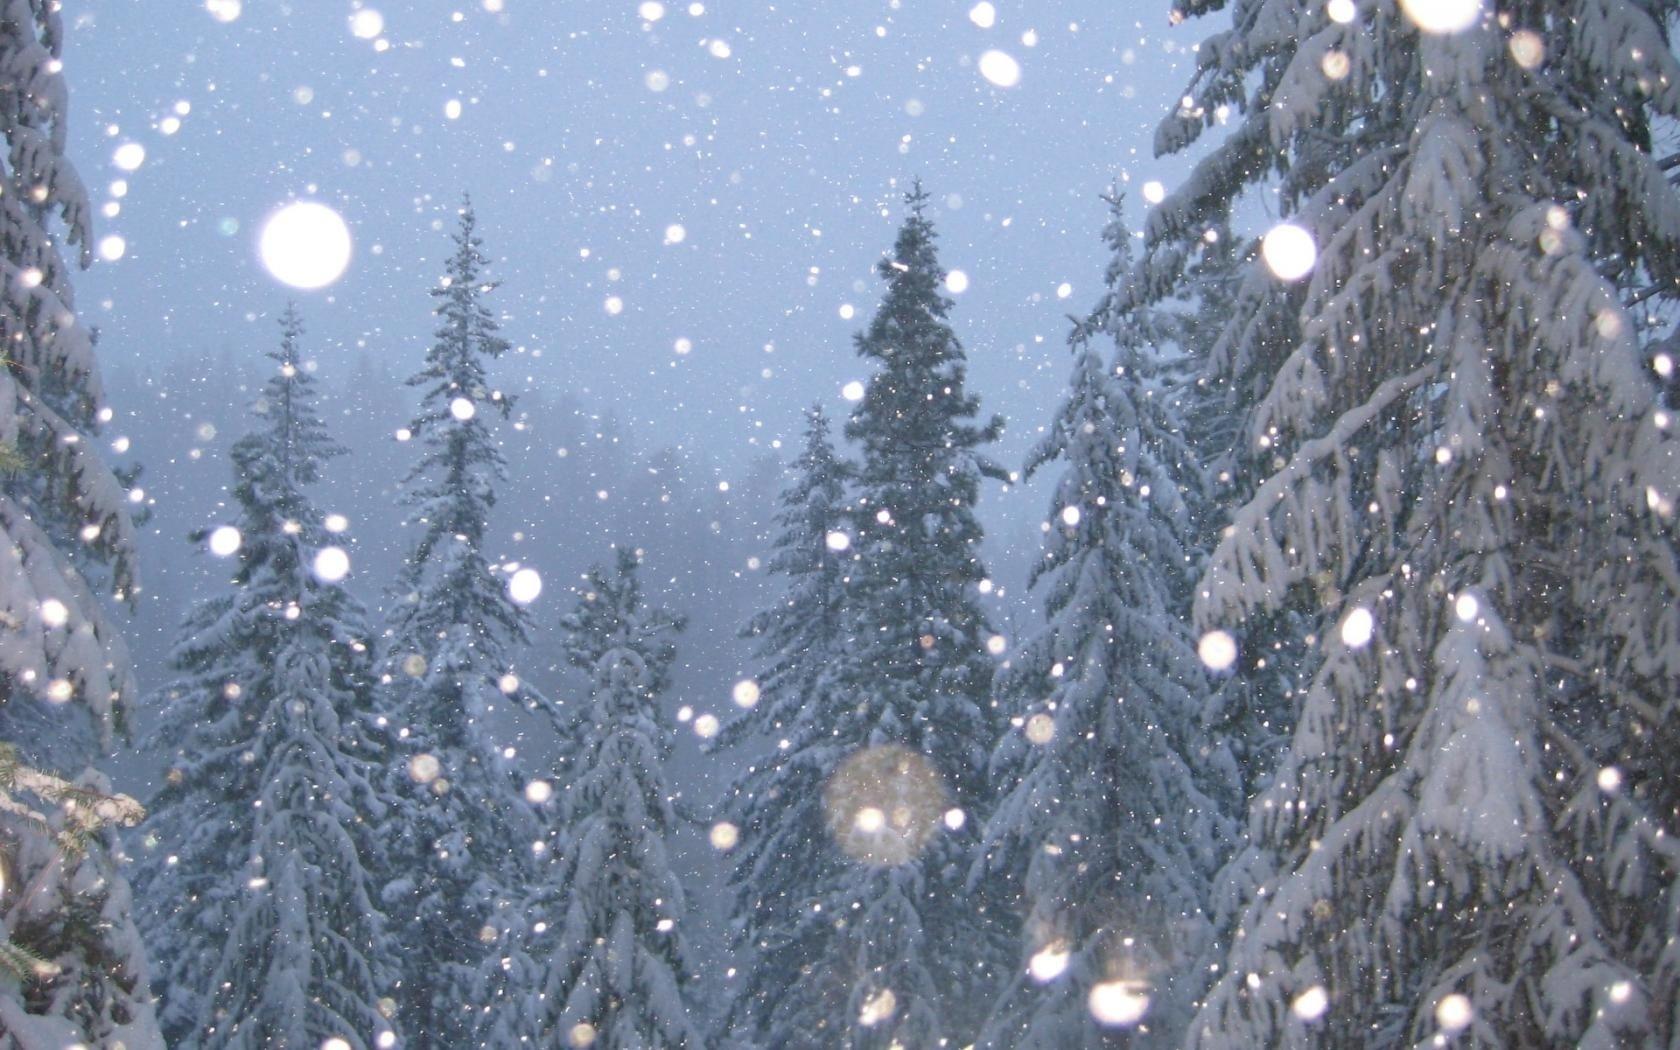 падающий снег новогодние картинки главных плюсов аппарата